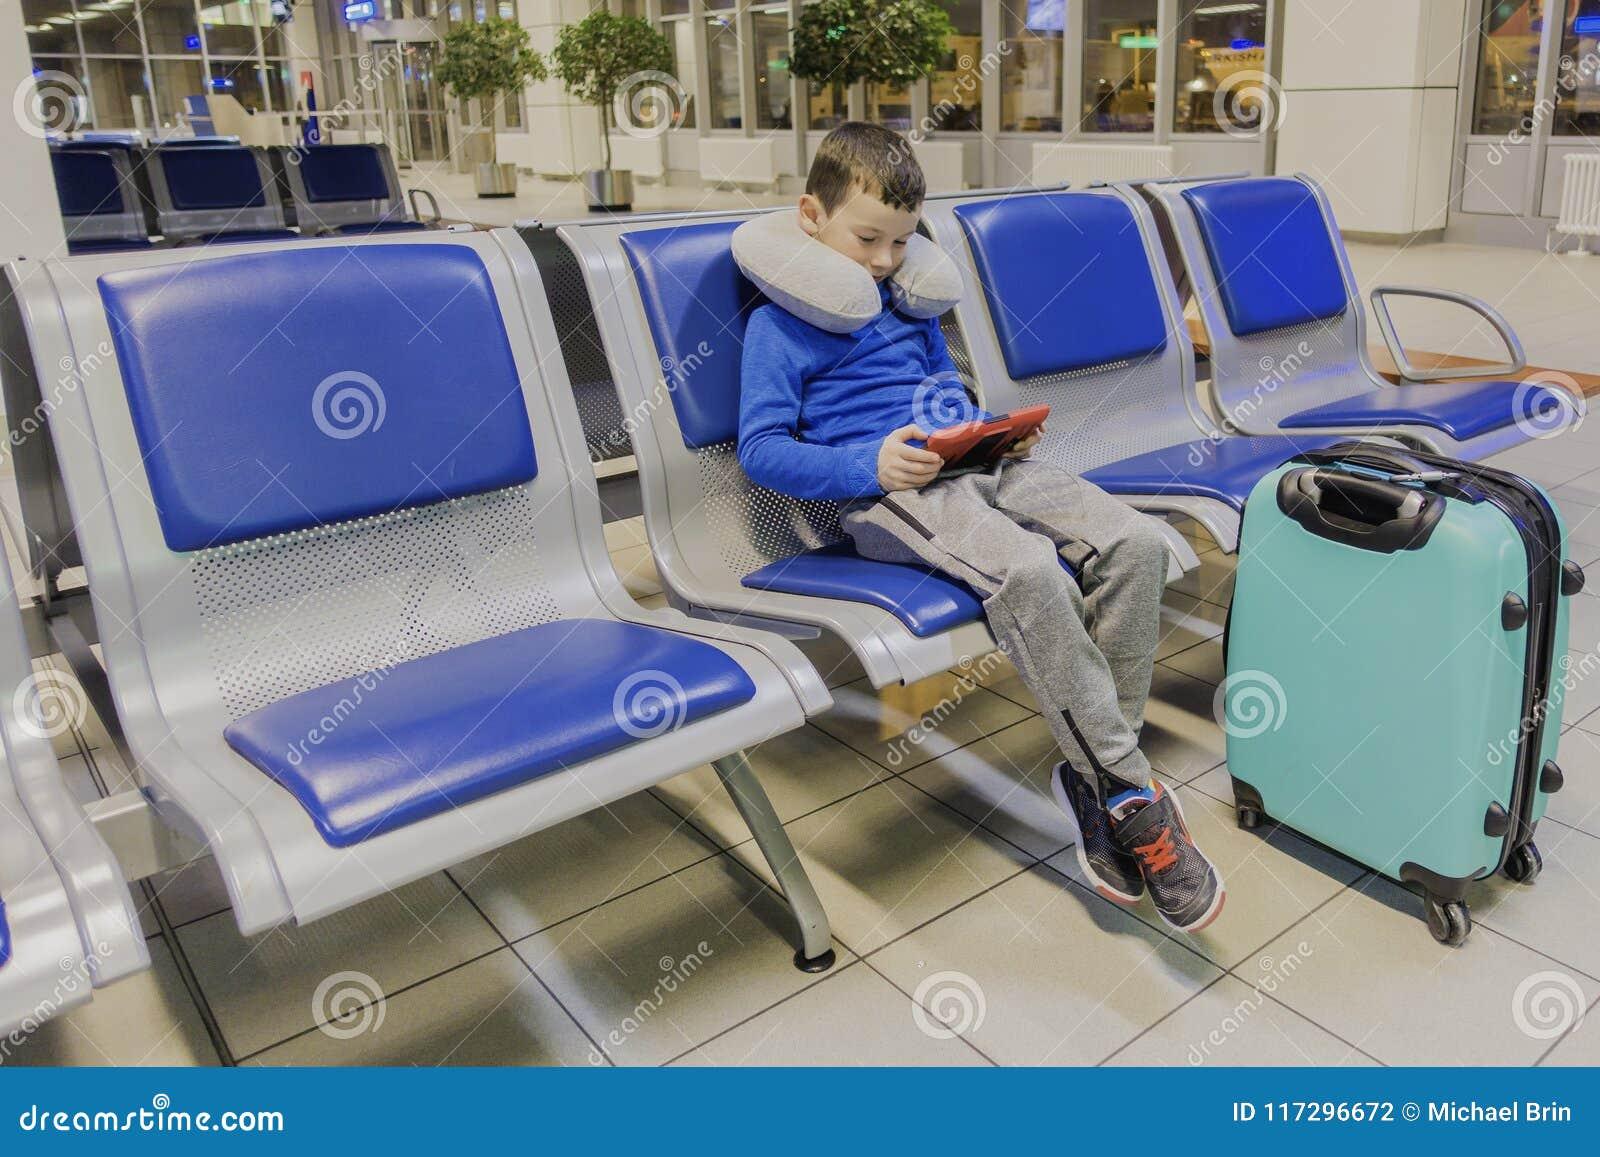 O menino em um aeroporto vazio um espera o plano e os jogos em seu dispositivo favorito